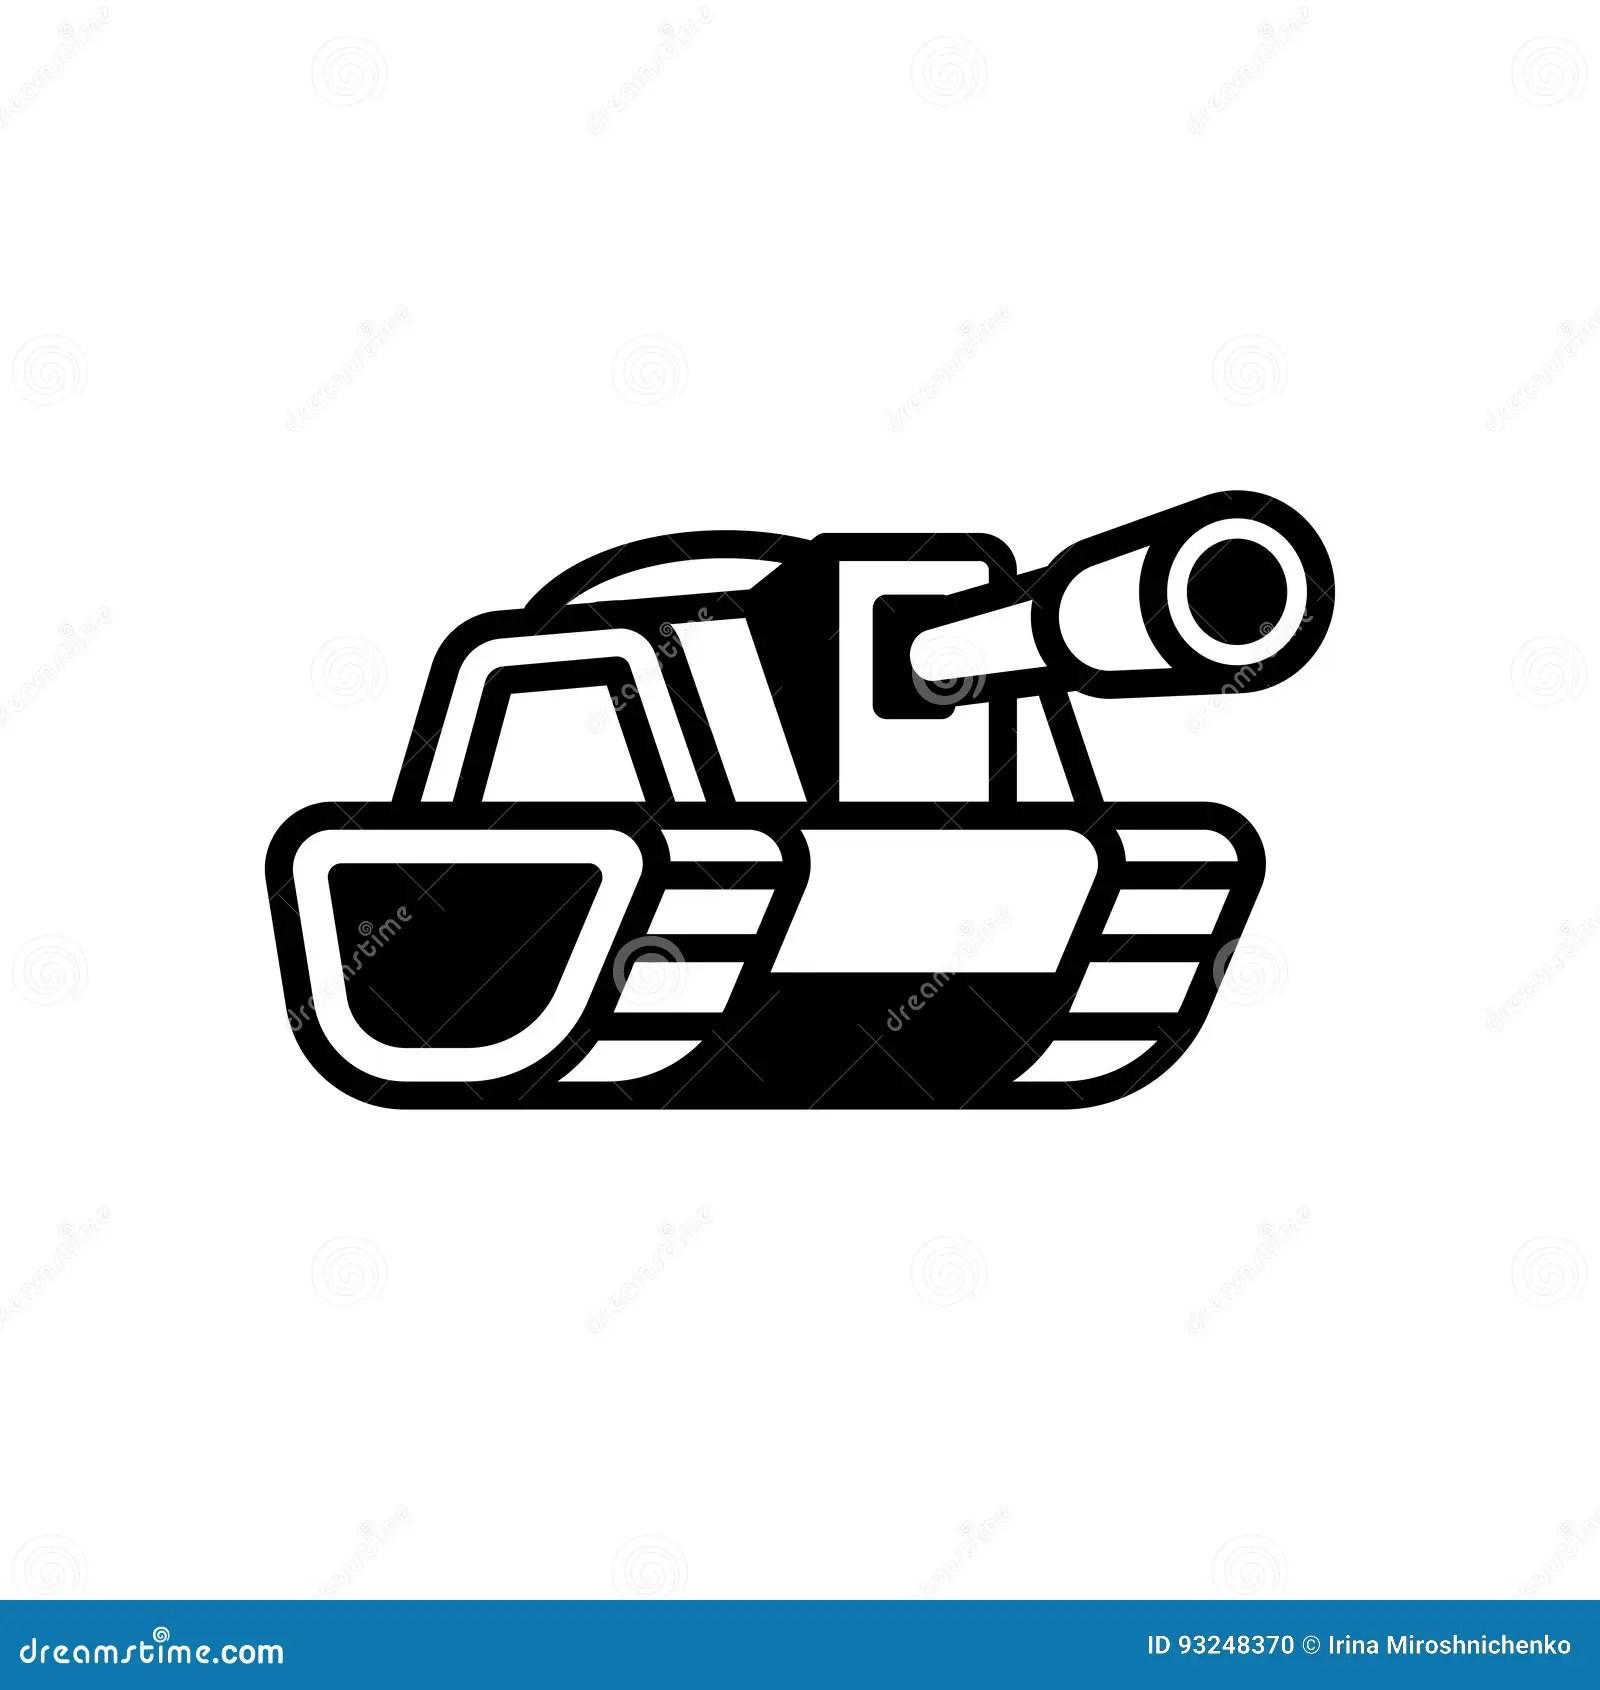 Tank Logo Illustration Stock Vector Illustration Of